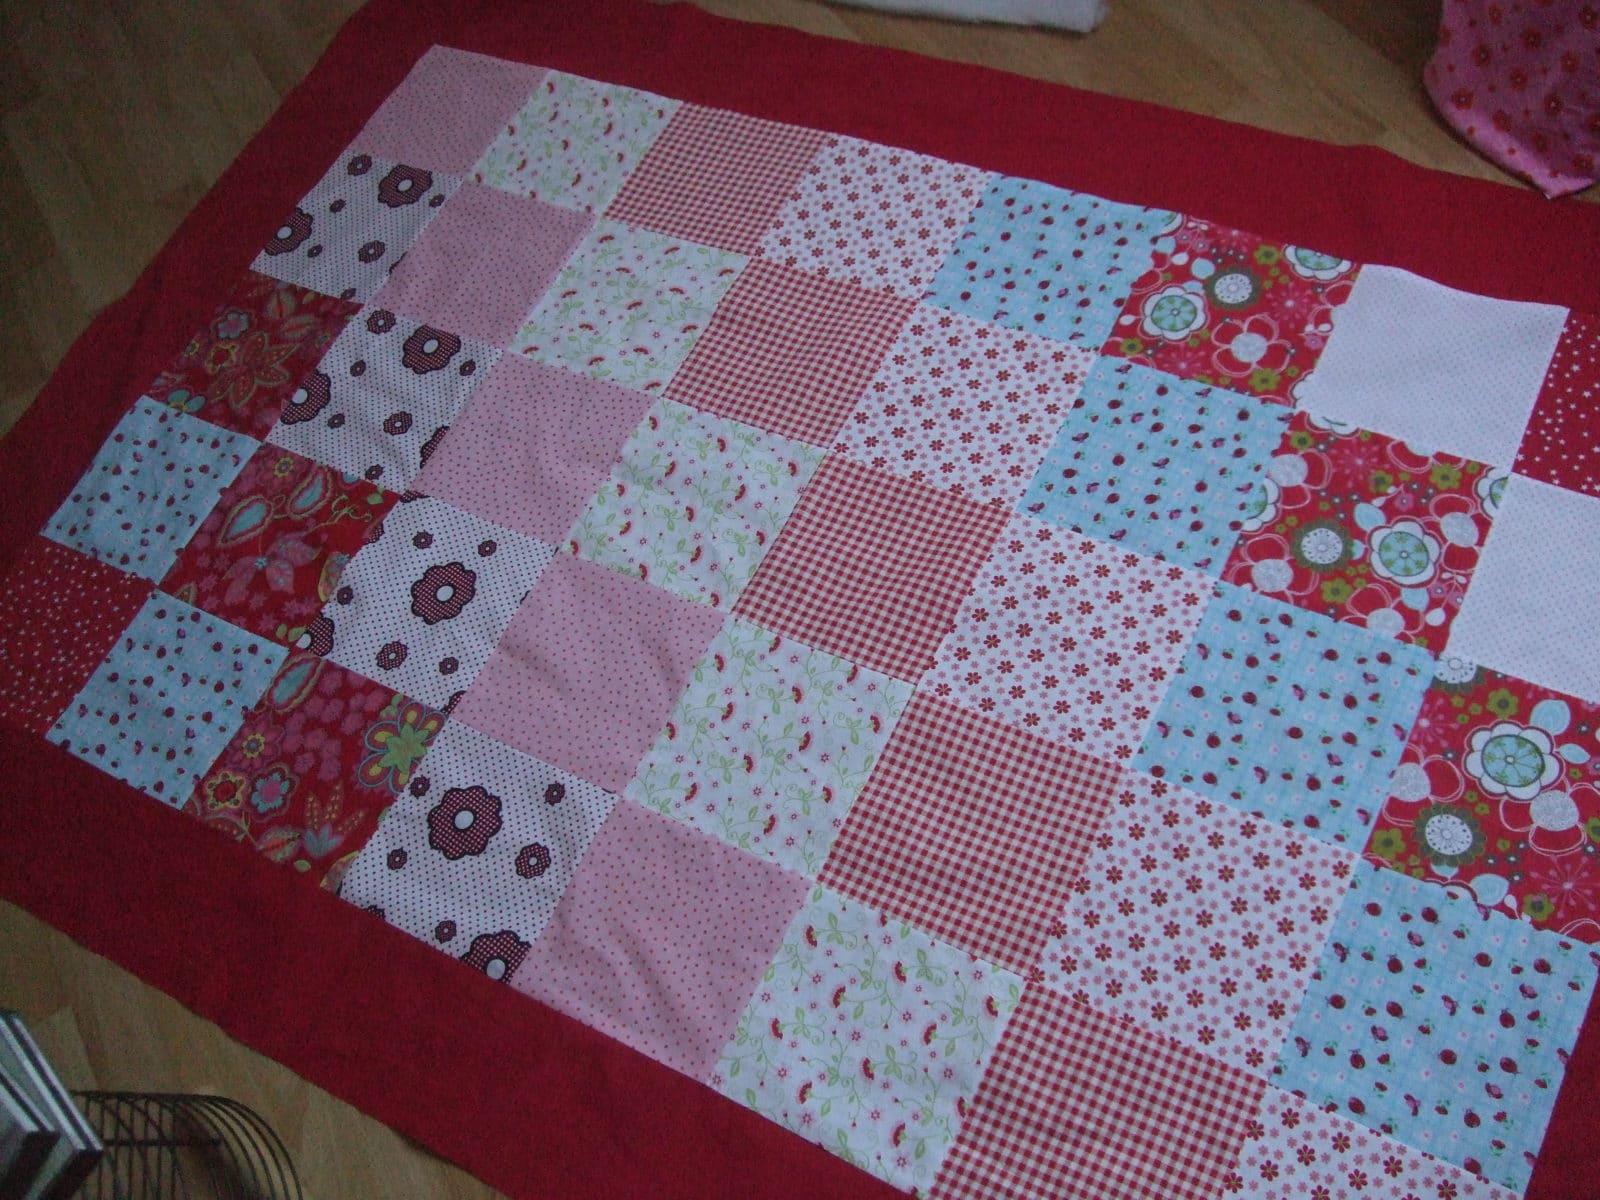 Gestalten patchworkdecke selbst Bettwäsche Mit